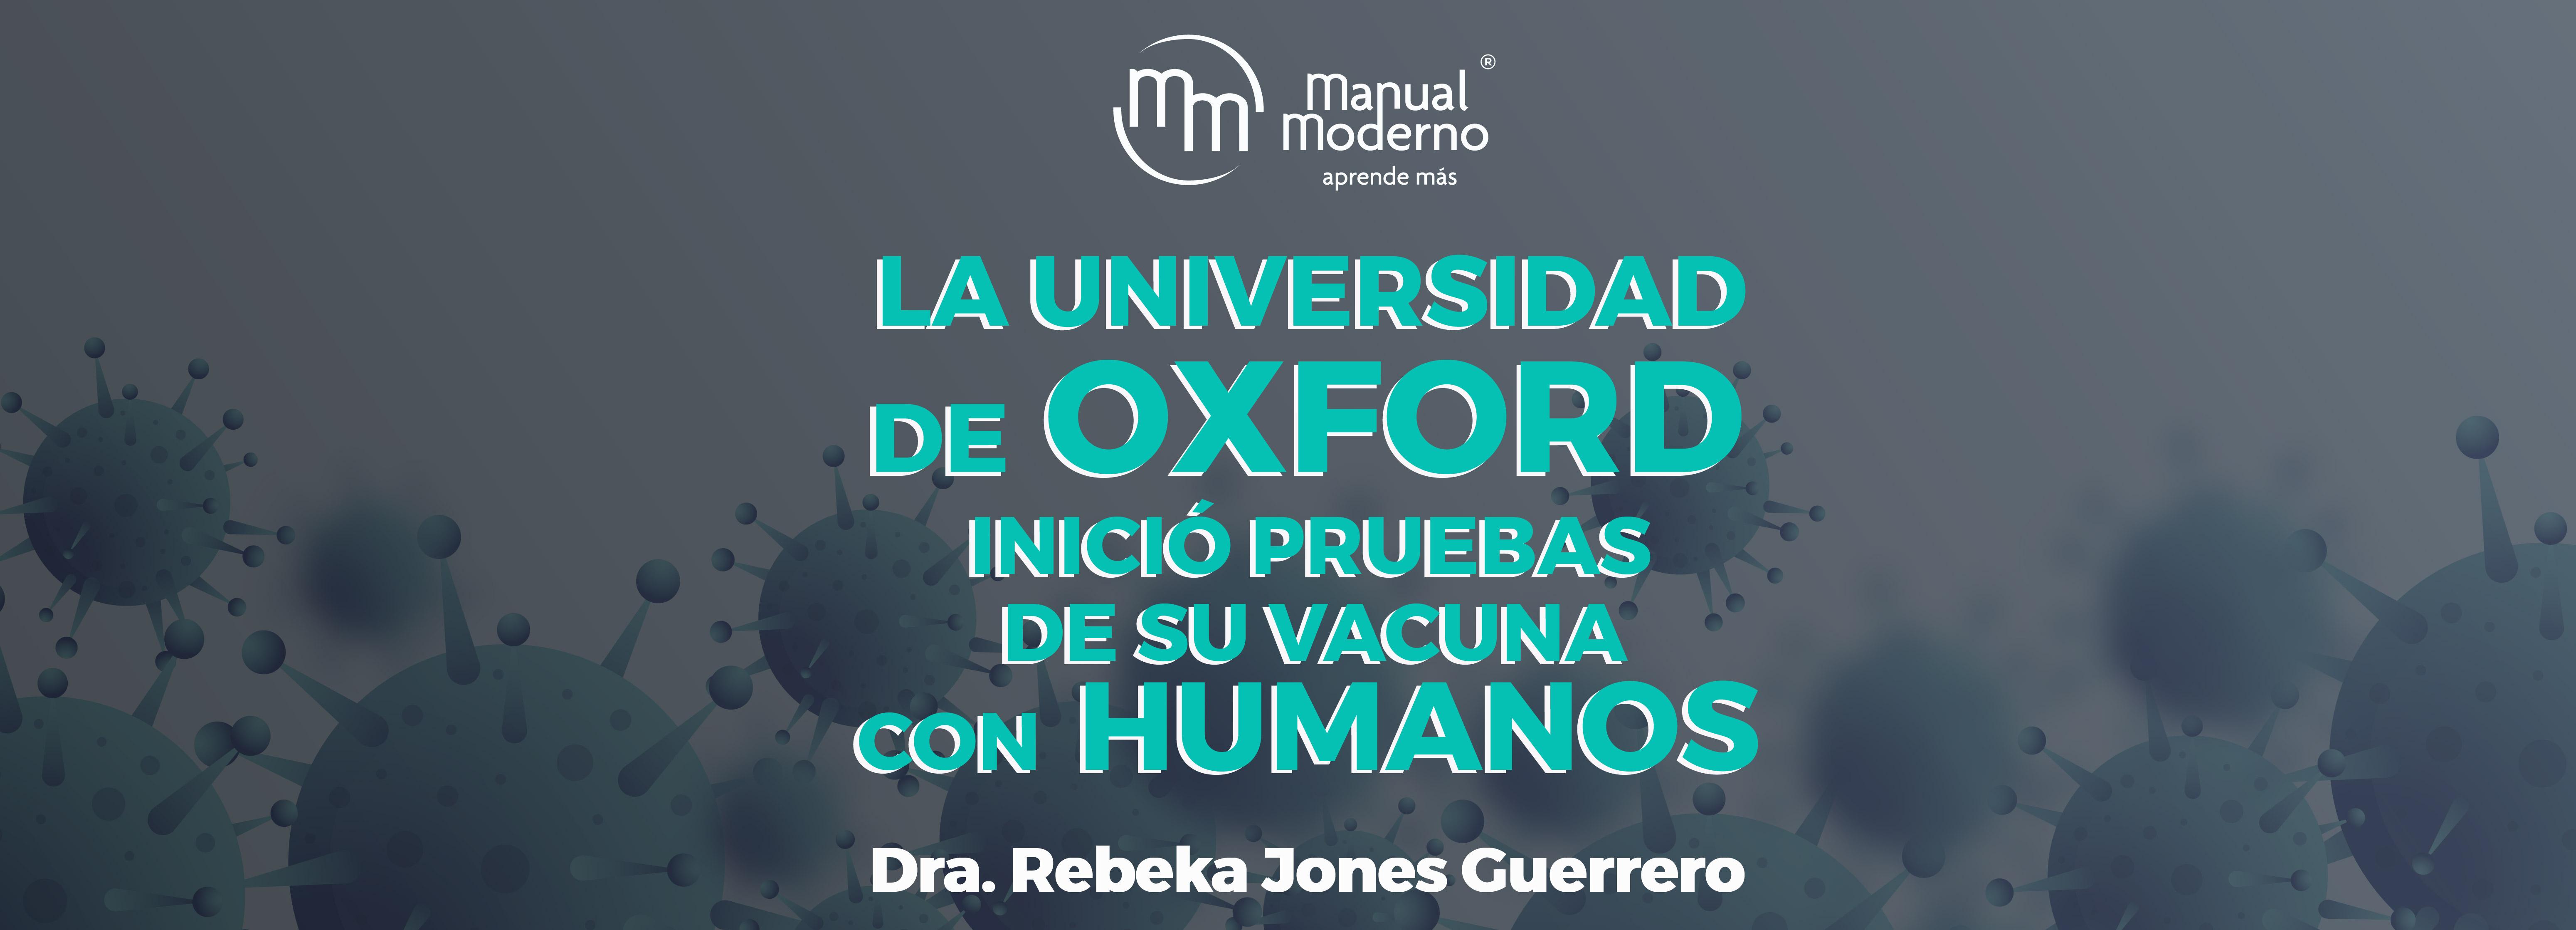 LA UNIVERSIDAD DE OXFORD INICIÓ PRUEBAS DE SU VACUNA CON HUMANOS